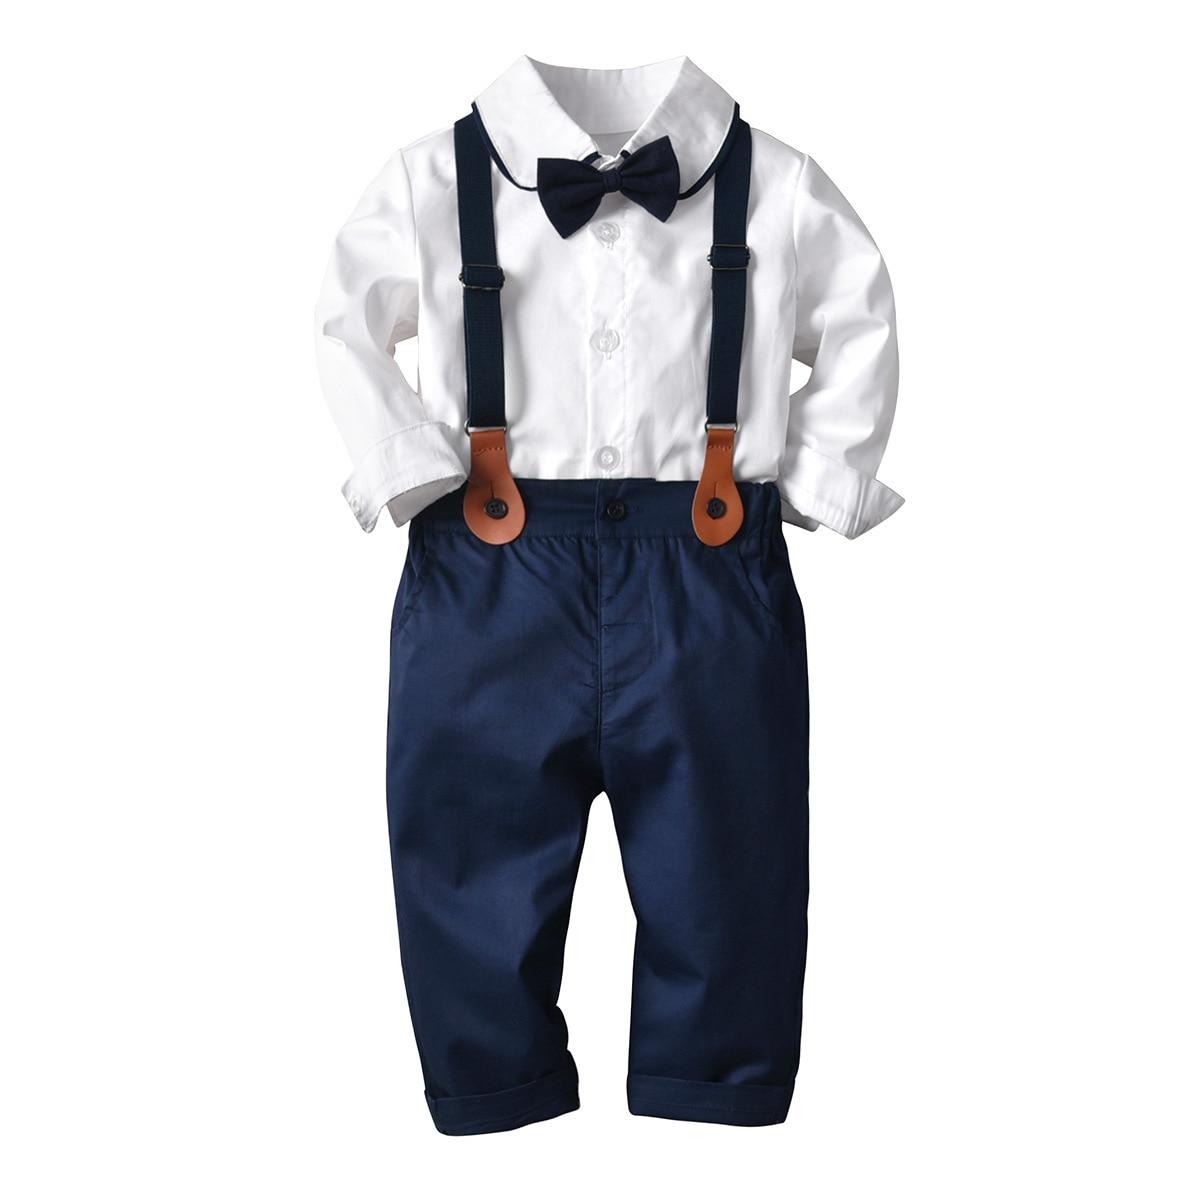 Primavera otoño recién nacido trajes de bebé niño Blazers caballero británico Blusa de manga larga monos Bowtie niños traje Formal